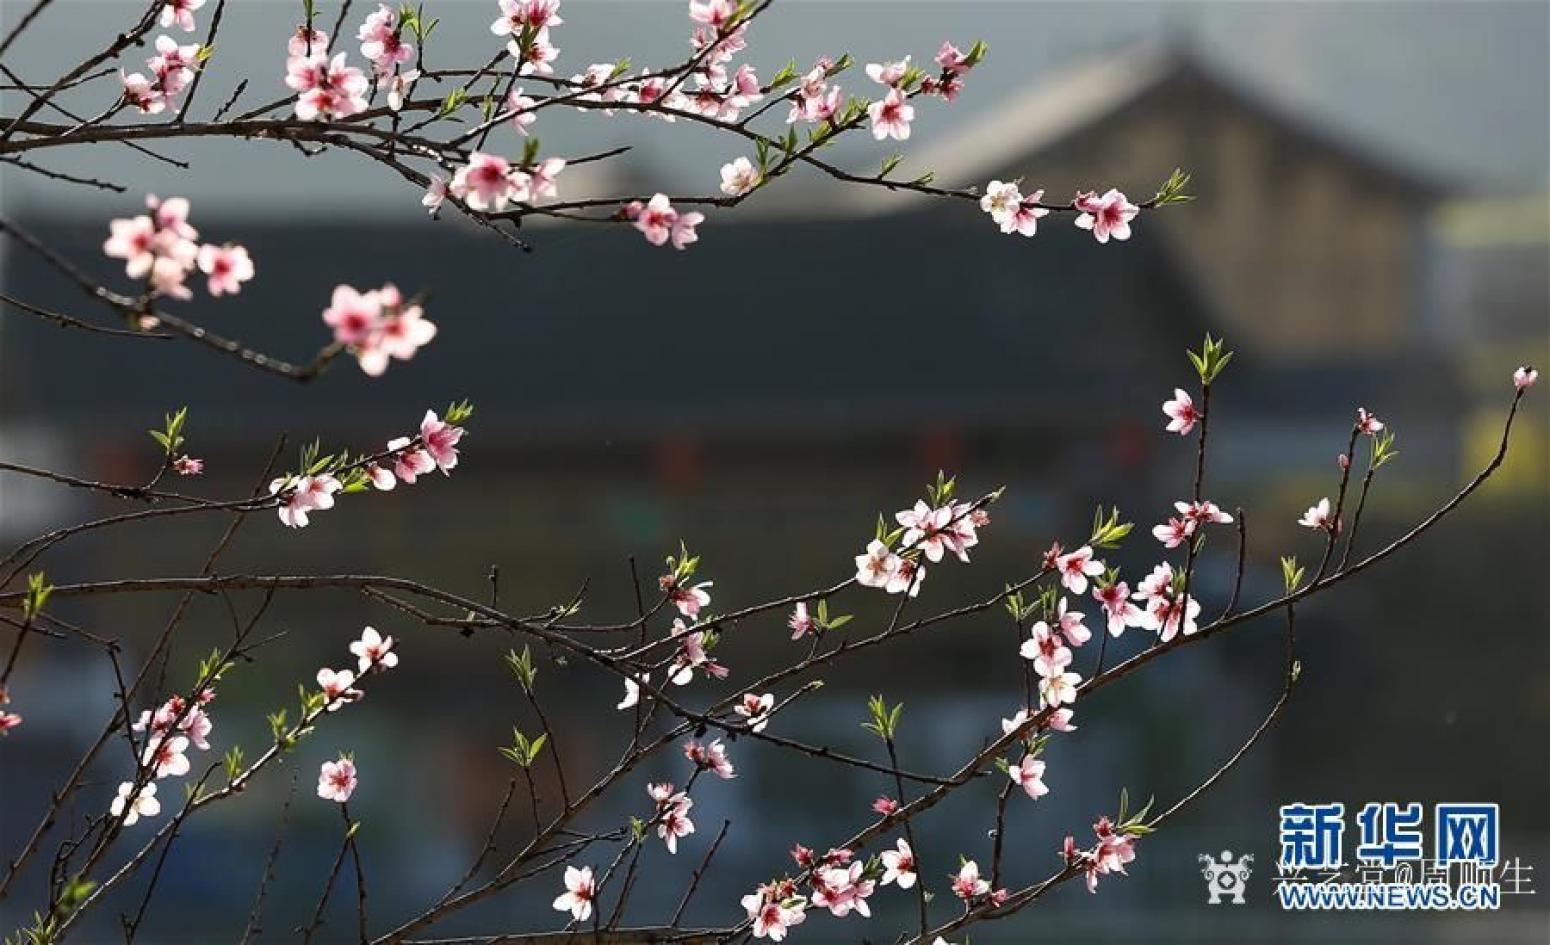 周顺生国画作品《四尺叠彩桃红总是春》【图4】